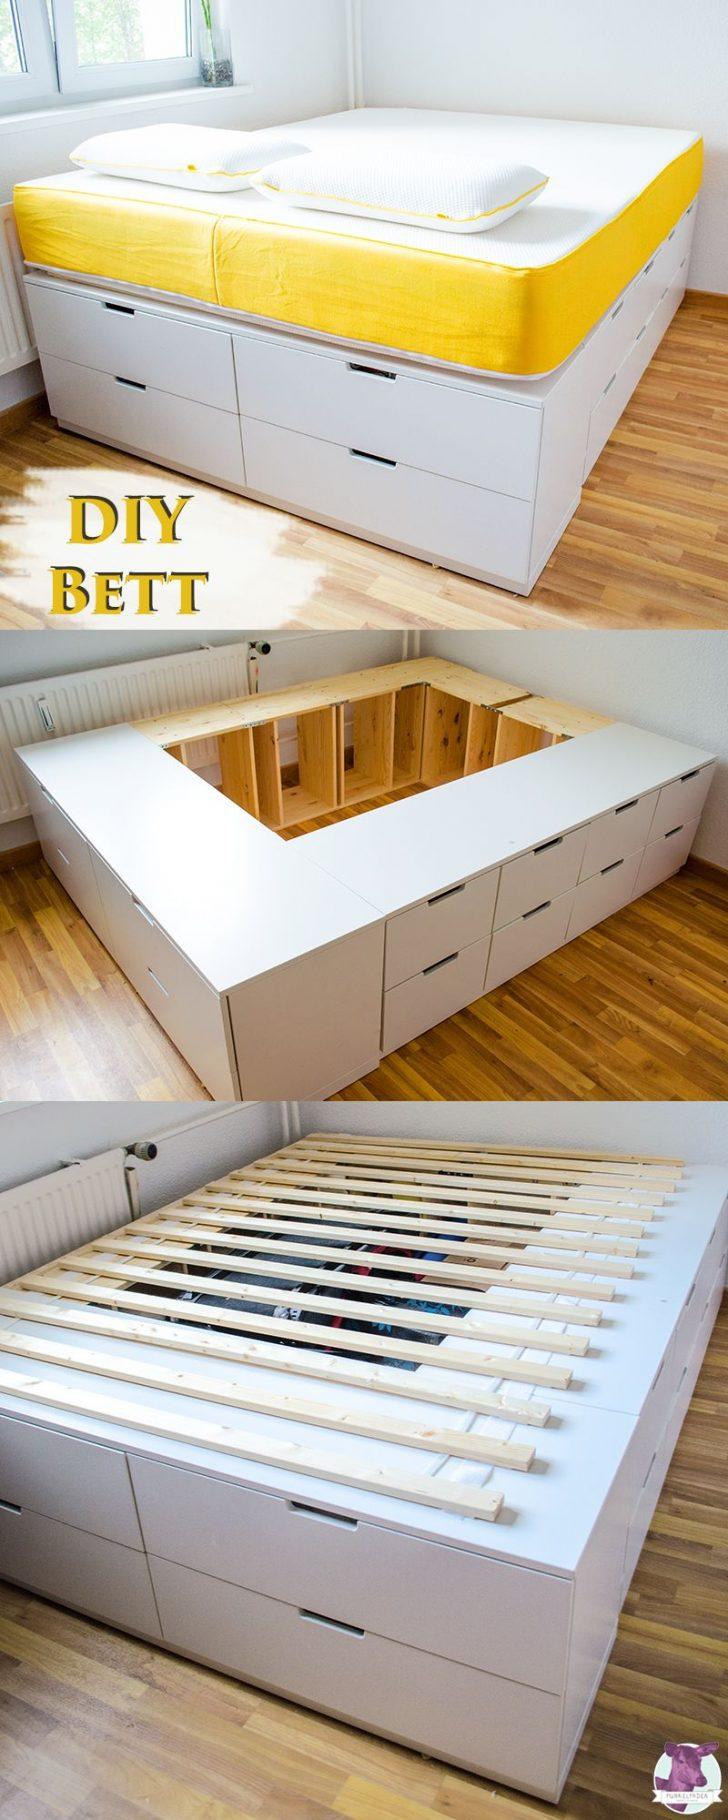 Medium Size of Stabiles Bett Diy Ikea Hack Plattform Selber Bauen Aus Kommoden Rausfallschutz Rückwand Rattan Günstige Betten 140x200 90x200 Weiß Wasser Podest Bett Stabiles Bett